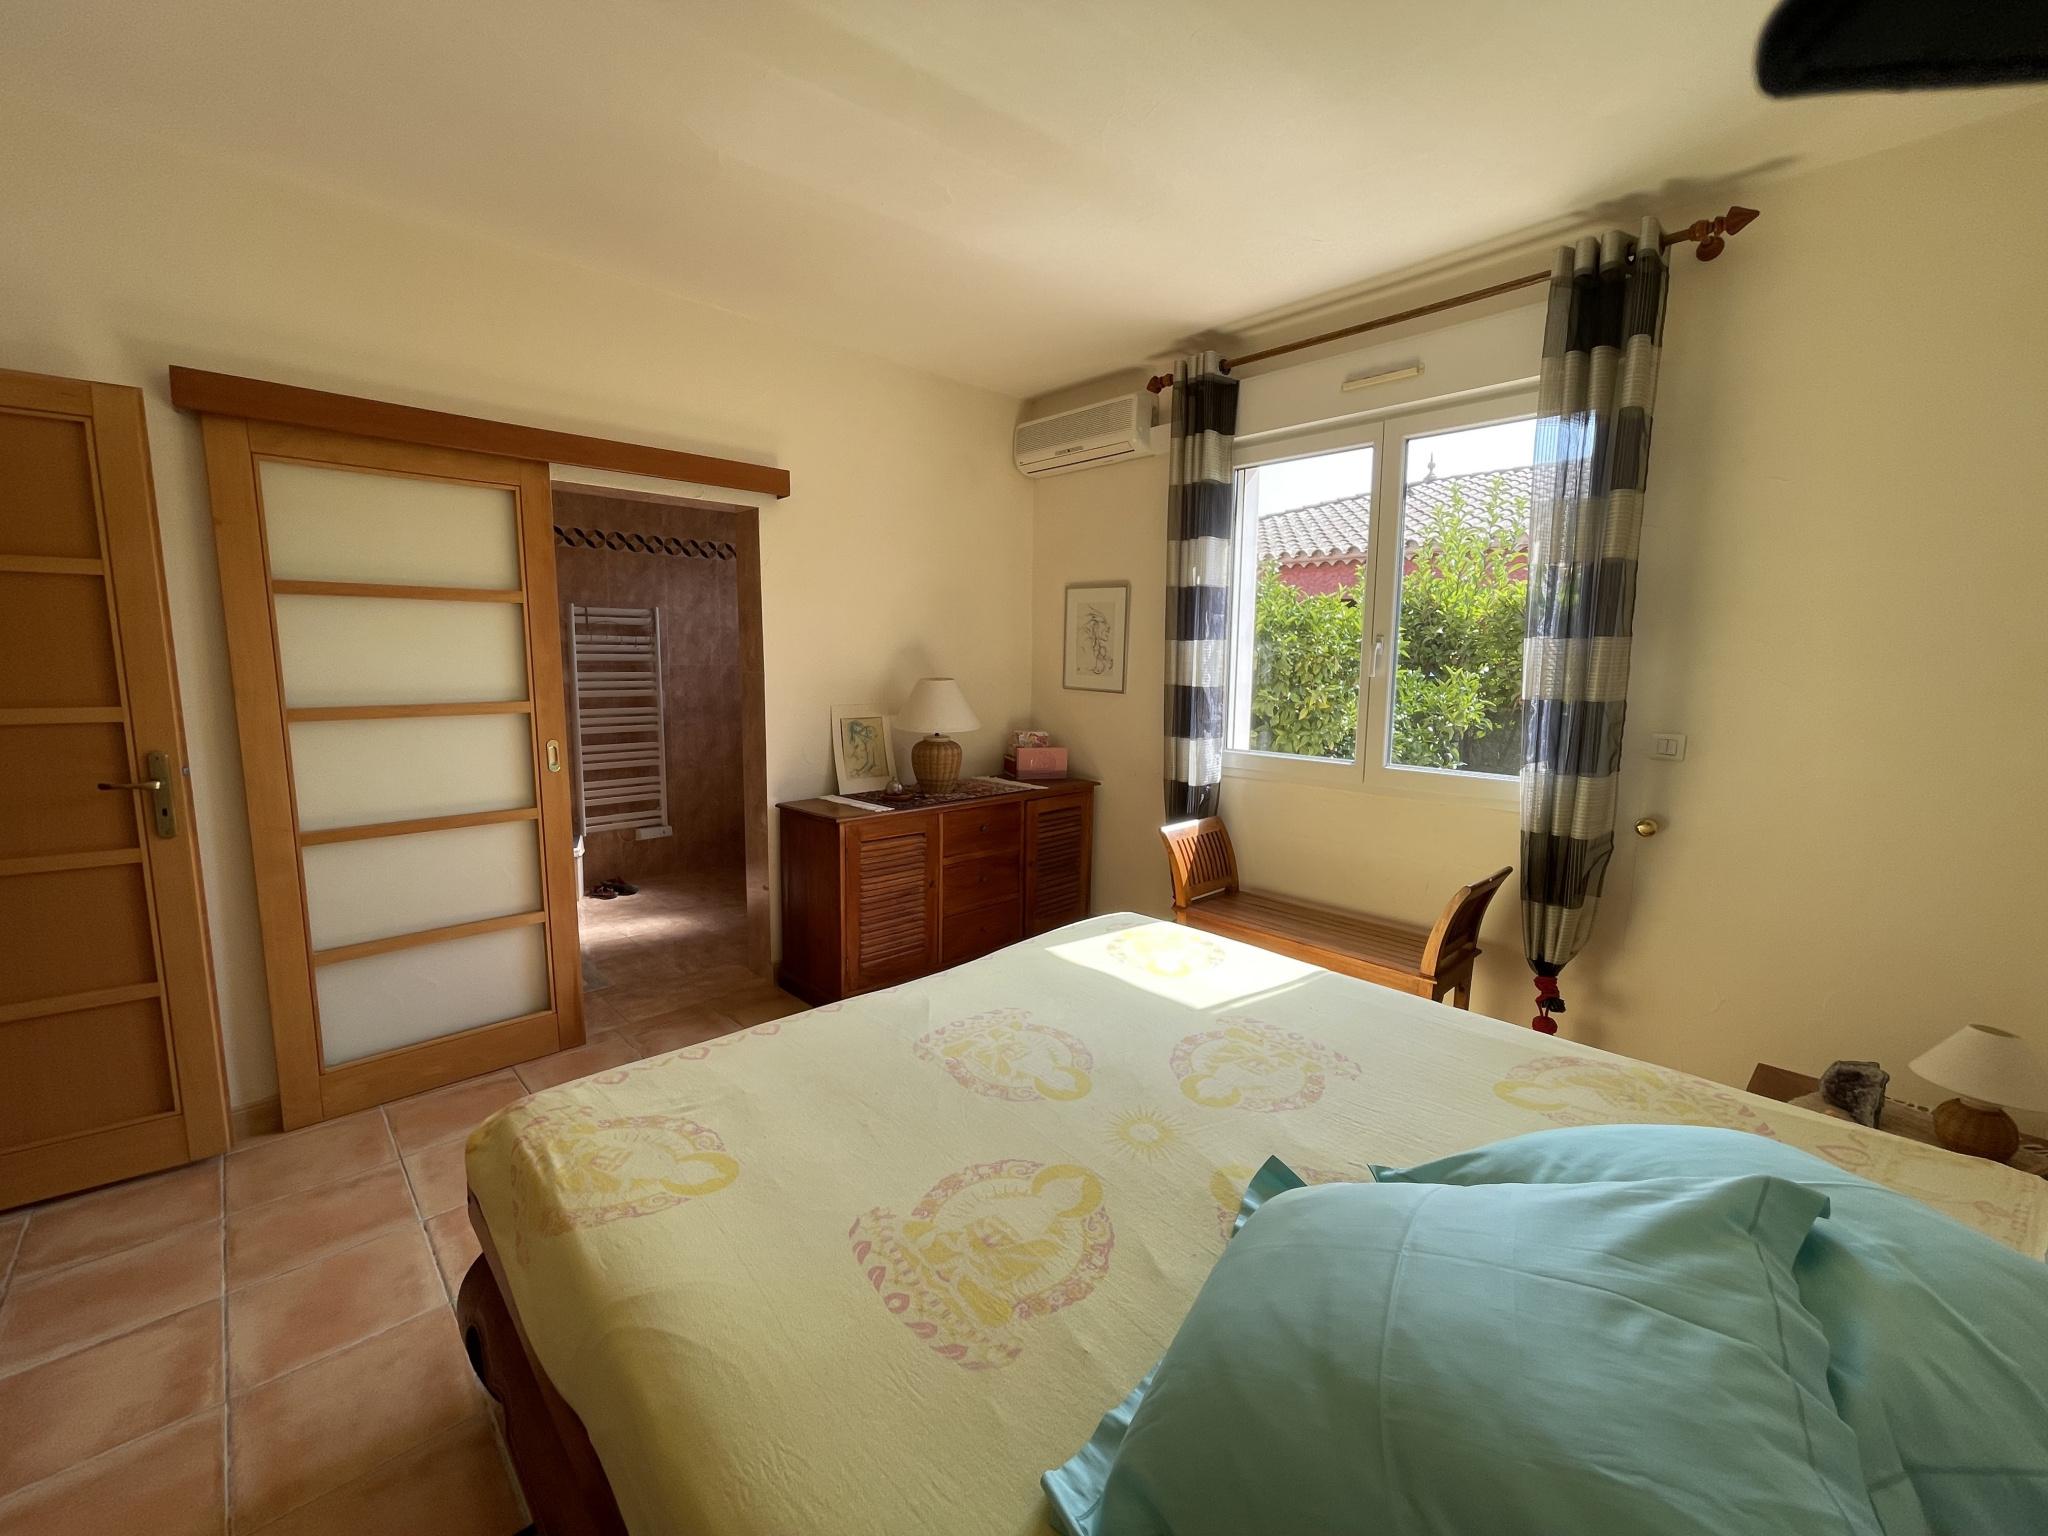 À vendre maison/villa de 124m2 à argeles sur mer (66700) - Photo 13'